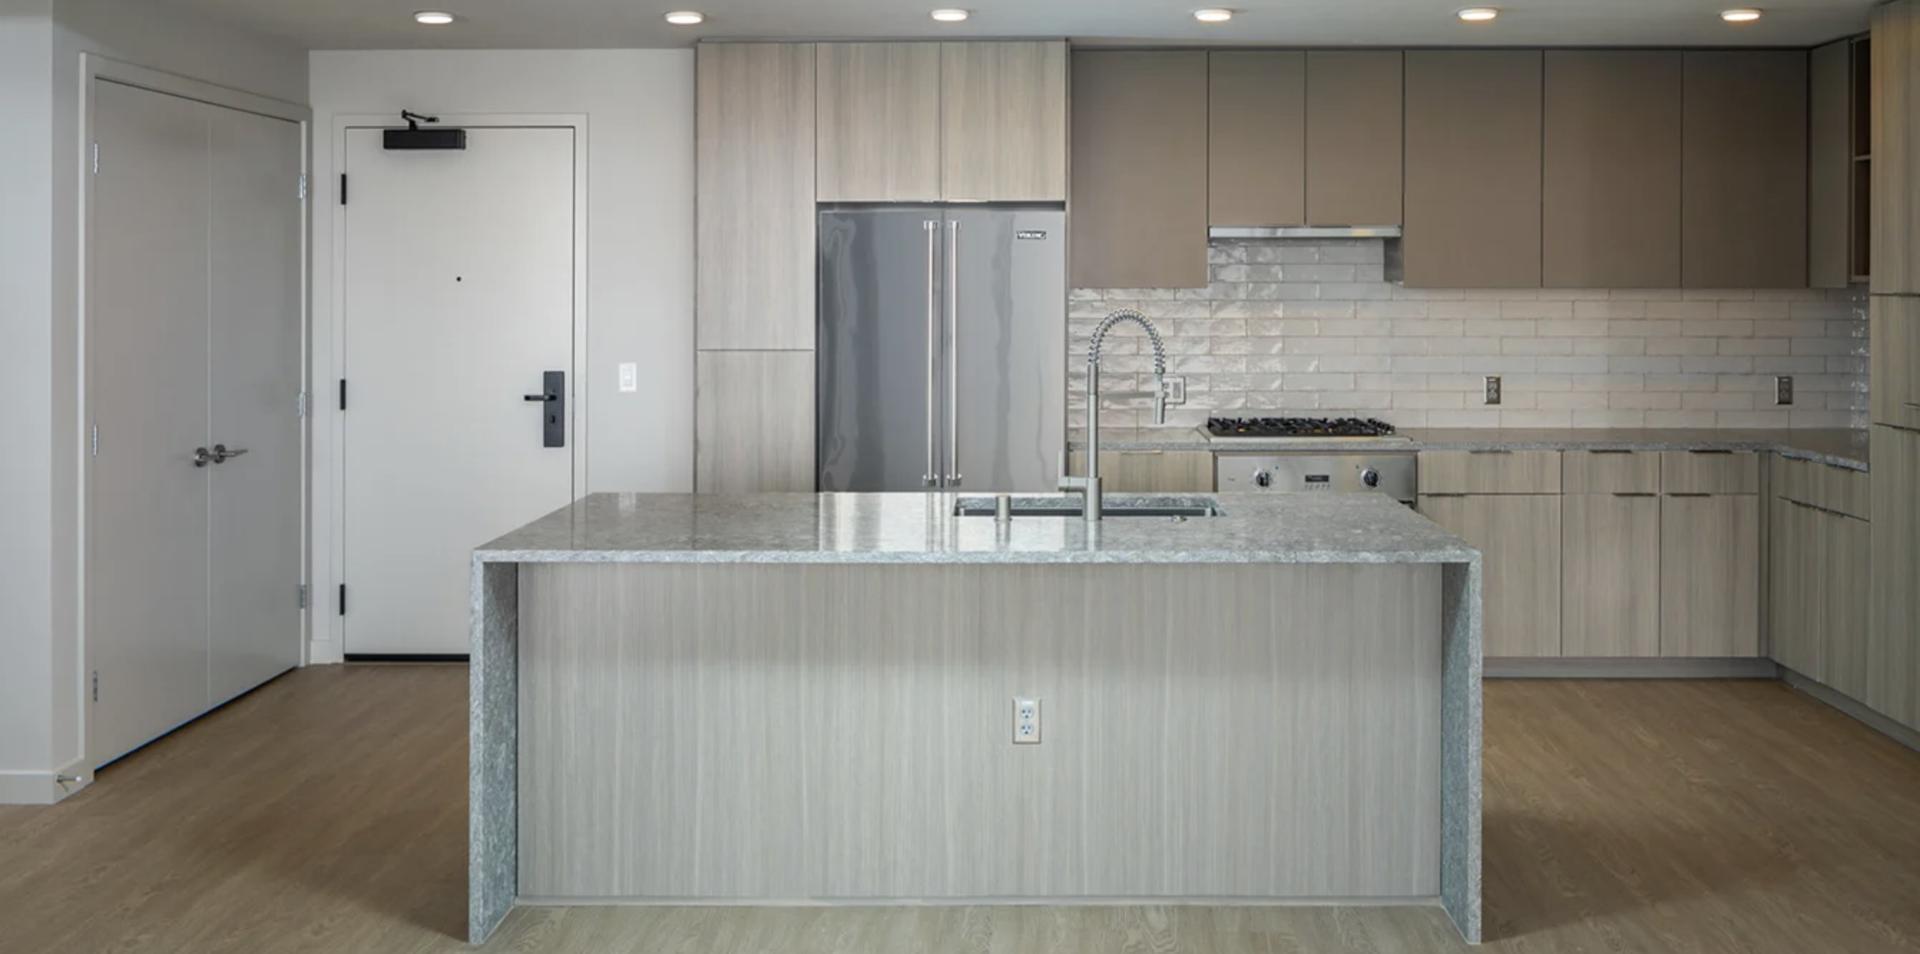 601 11th Avenue #1204, San Diego, CA - $3,790 USD/ month